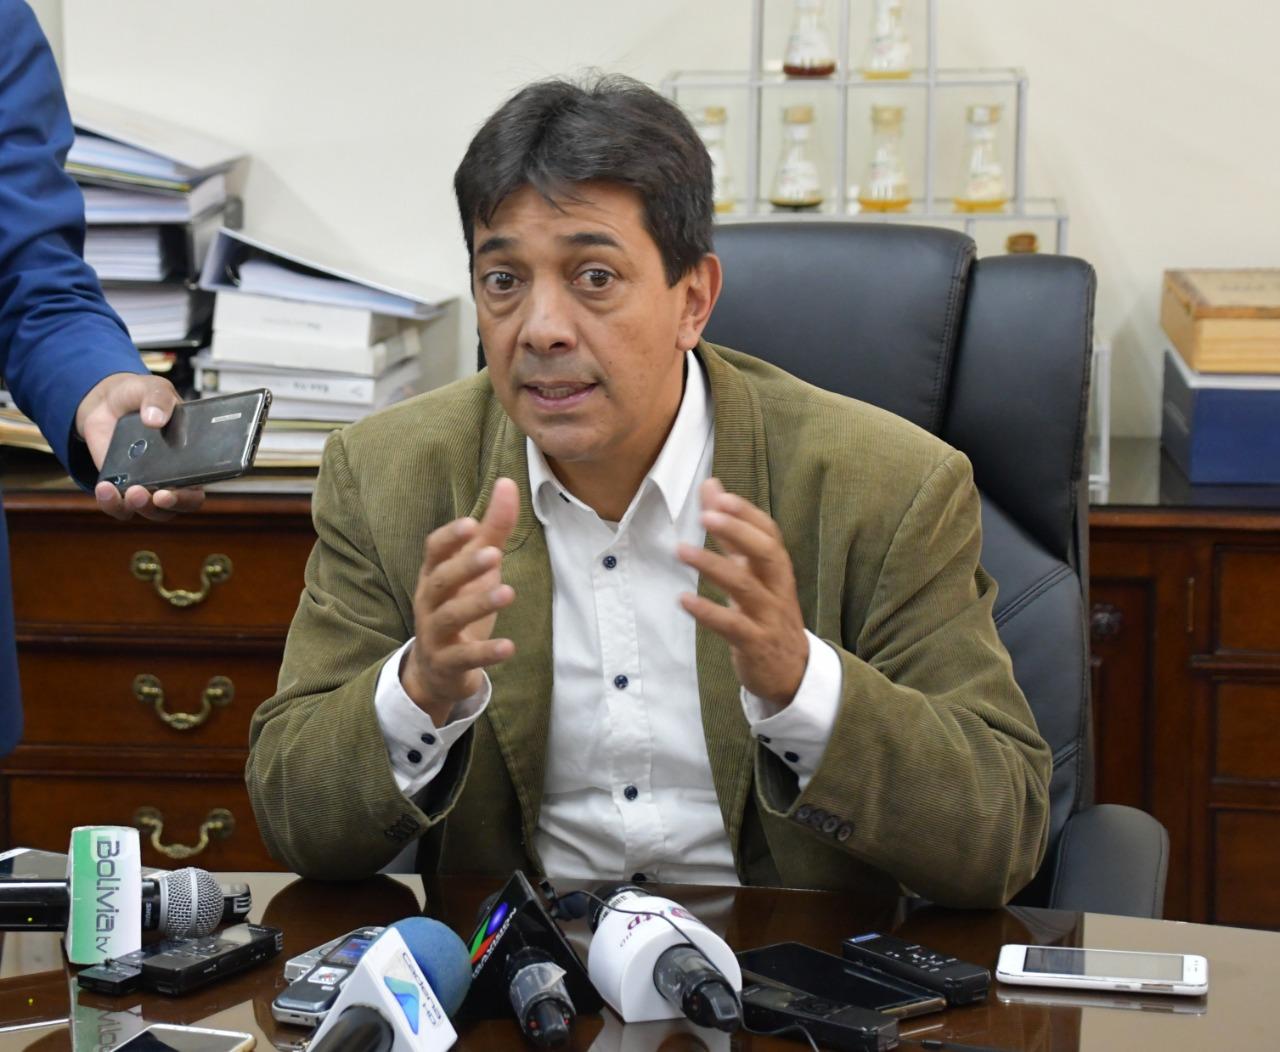 El Ministro de Hidrocarburos asegura que la distribución de diésel se normaliza